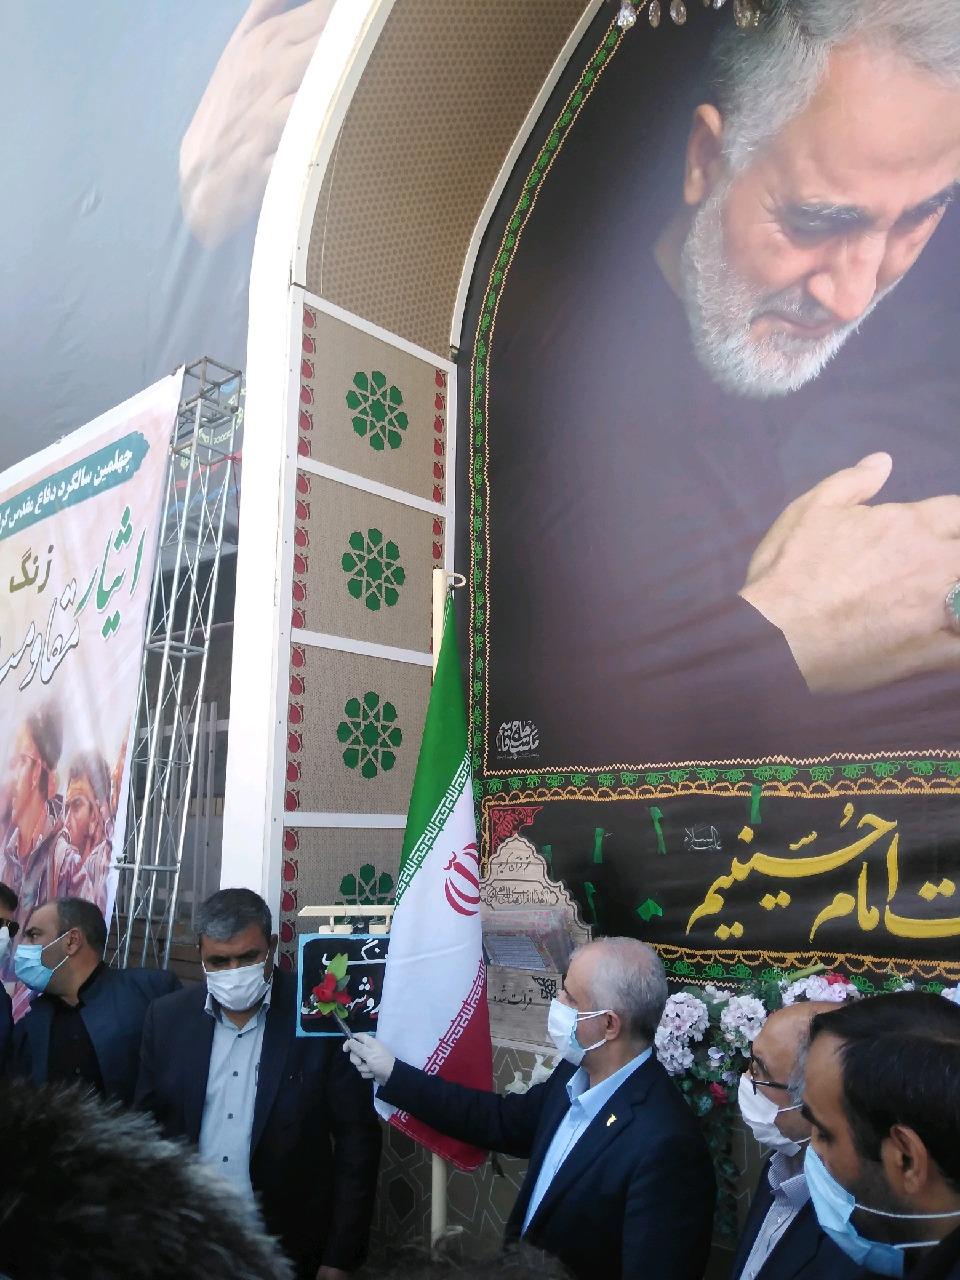 نواخته شدن زنگ ایثار، مقاومت و پیروزی در جوار مزار شهید سپهبد سلیمانی